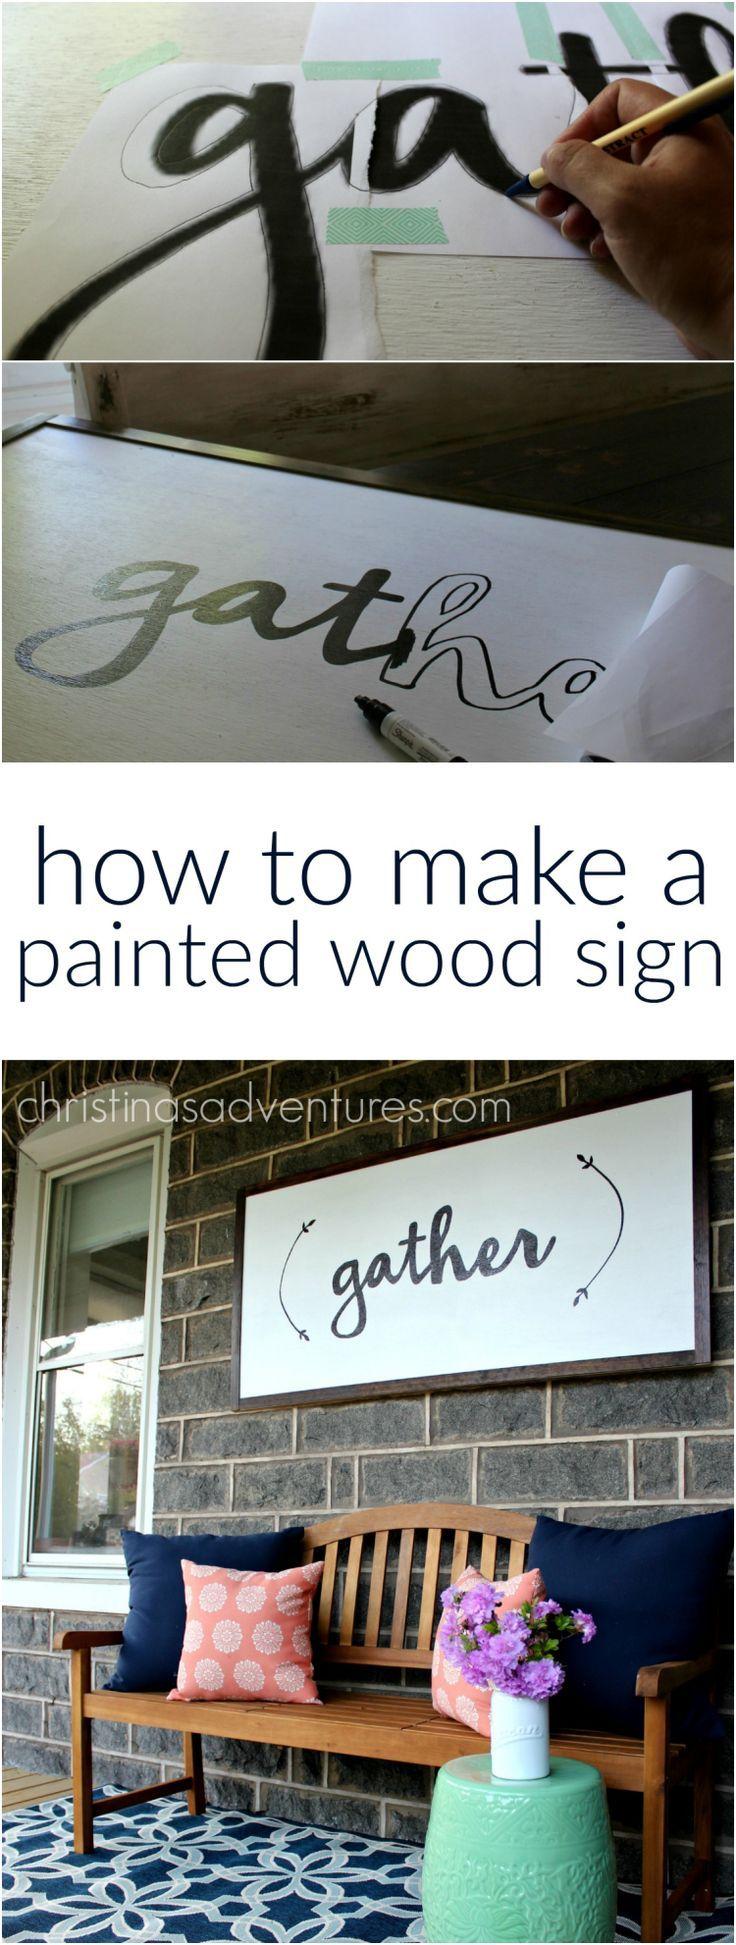 DIY Large Wood Sign Tutorial. #DIYLargeWoodSign #diyprojects #diyideas #diyinspi...